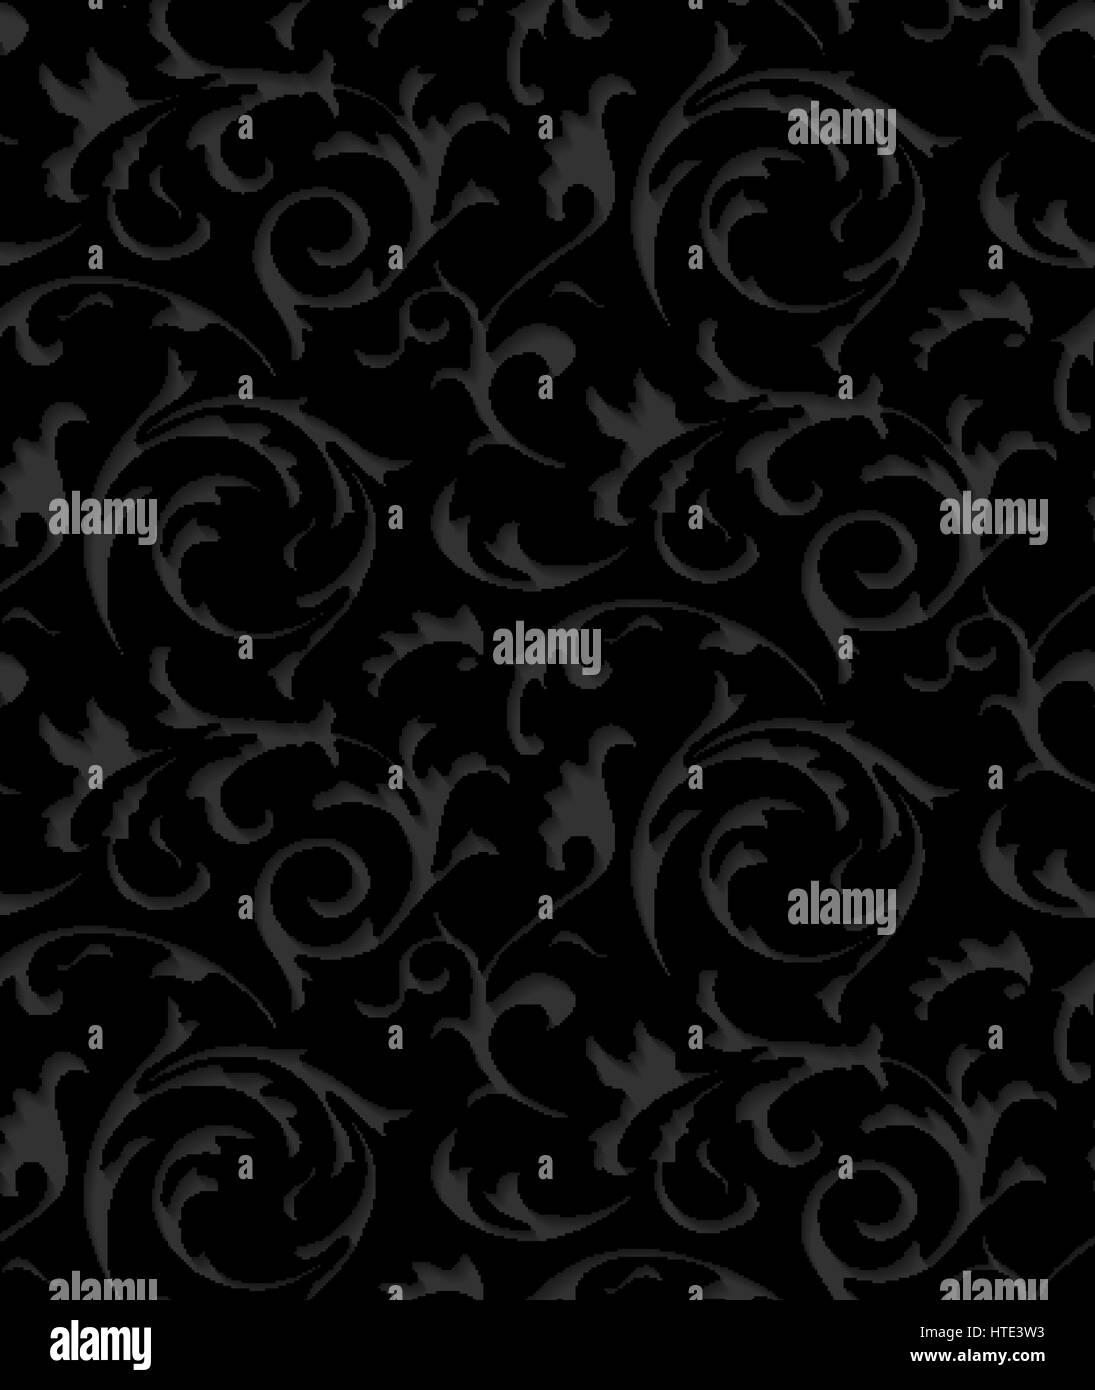 https www alamyimages fr photo image baroque vector noir damasse dentelle elegante texture floral luxe element motif fonce pour l emballage de papier tissu papier peint remplir la page arriere plan pap 135534703 html